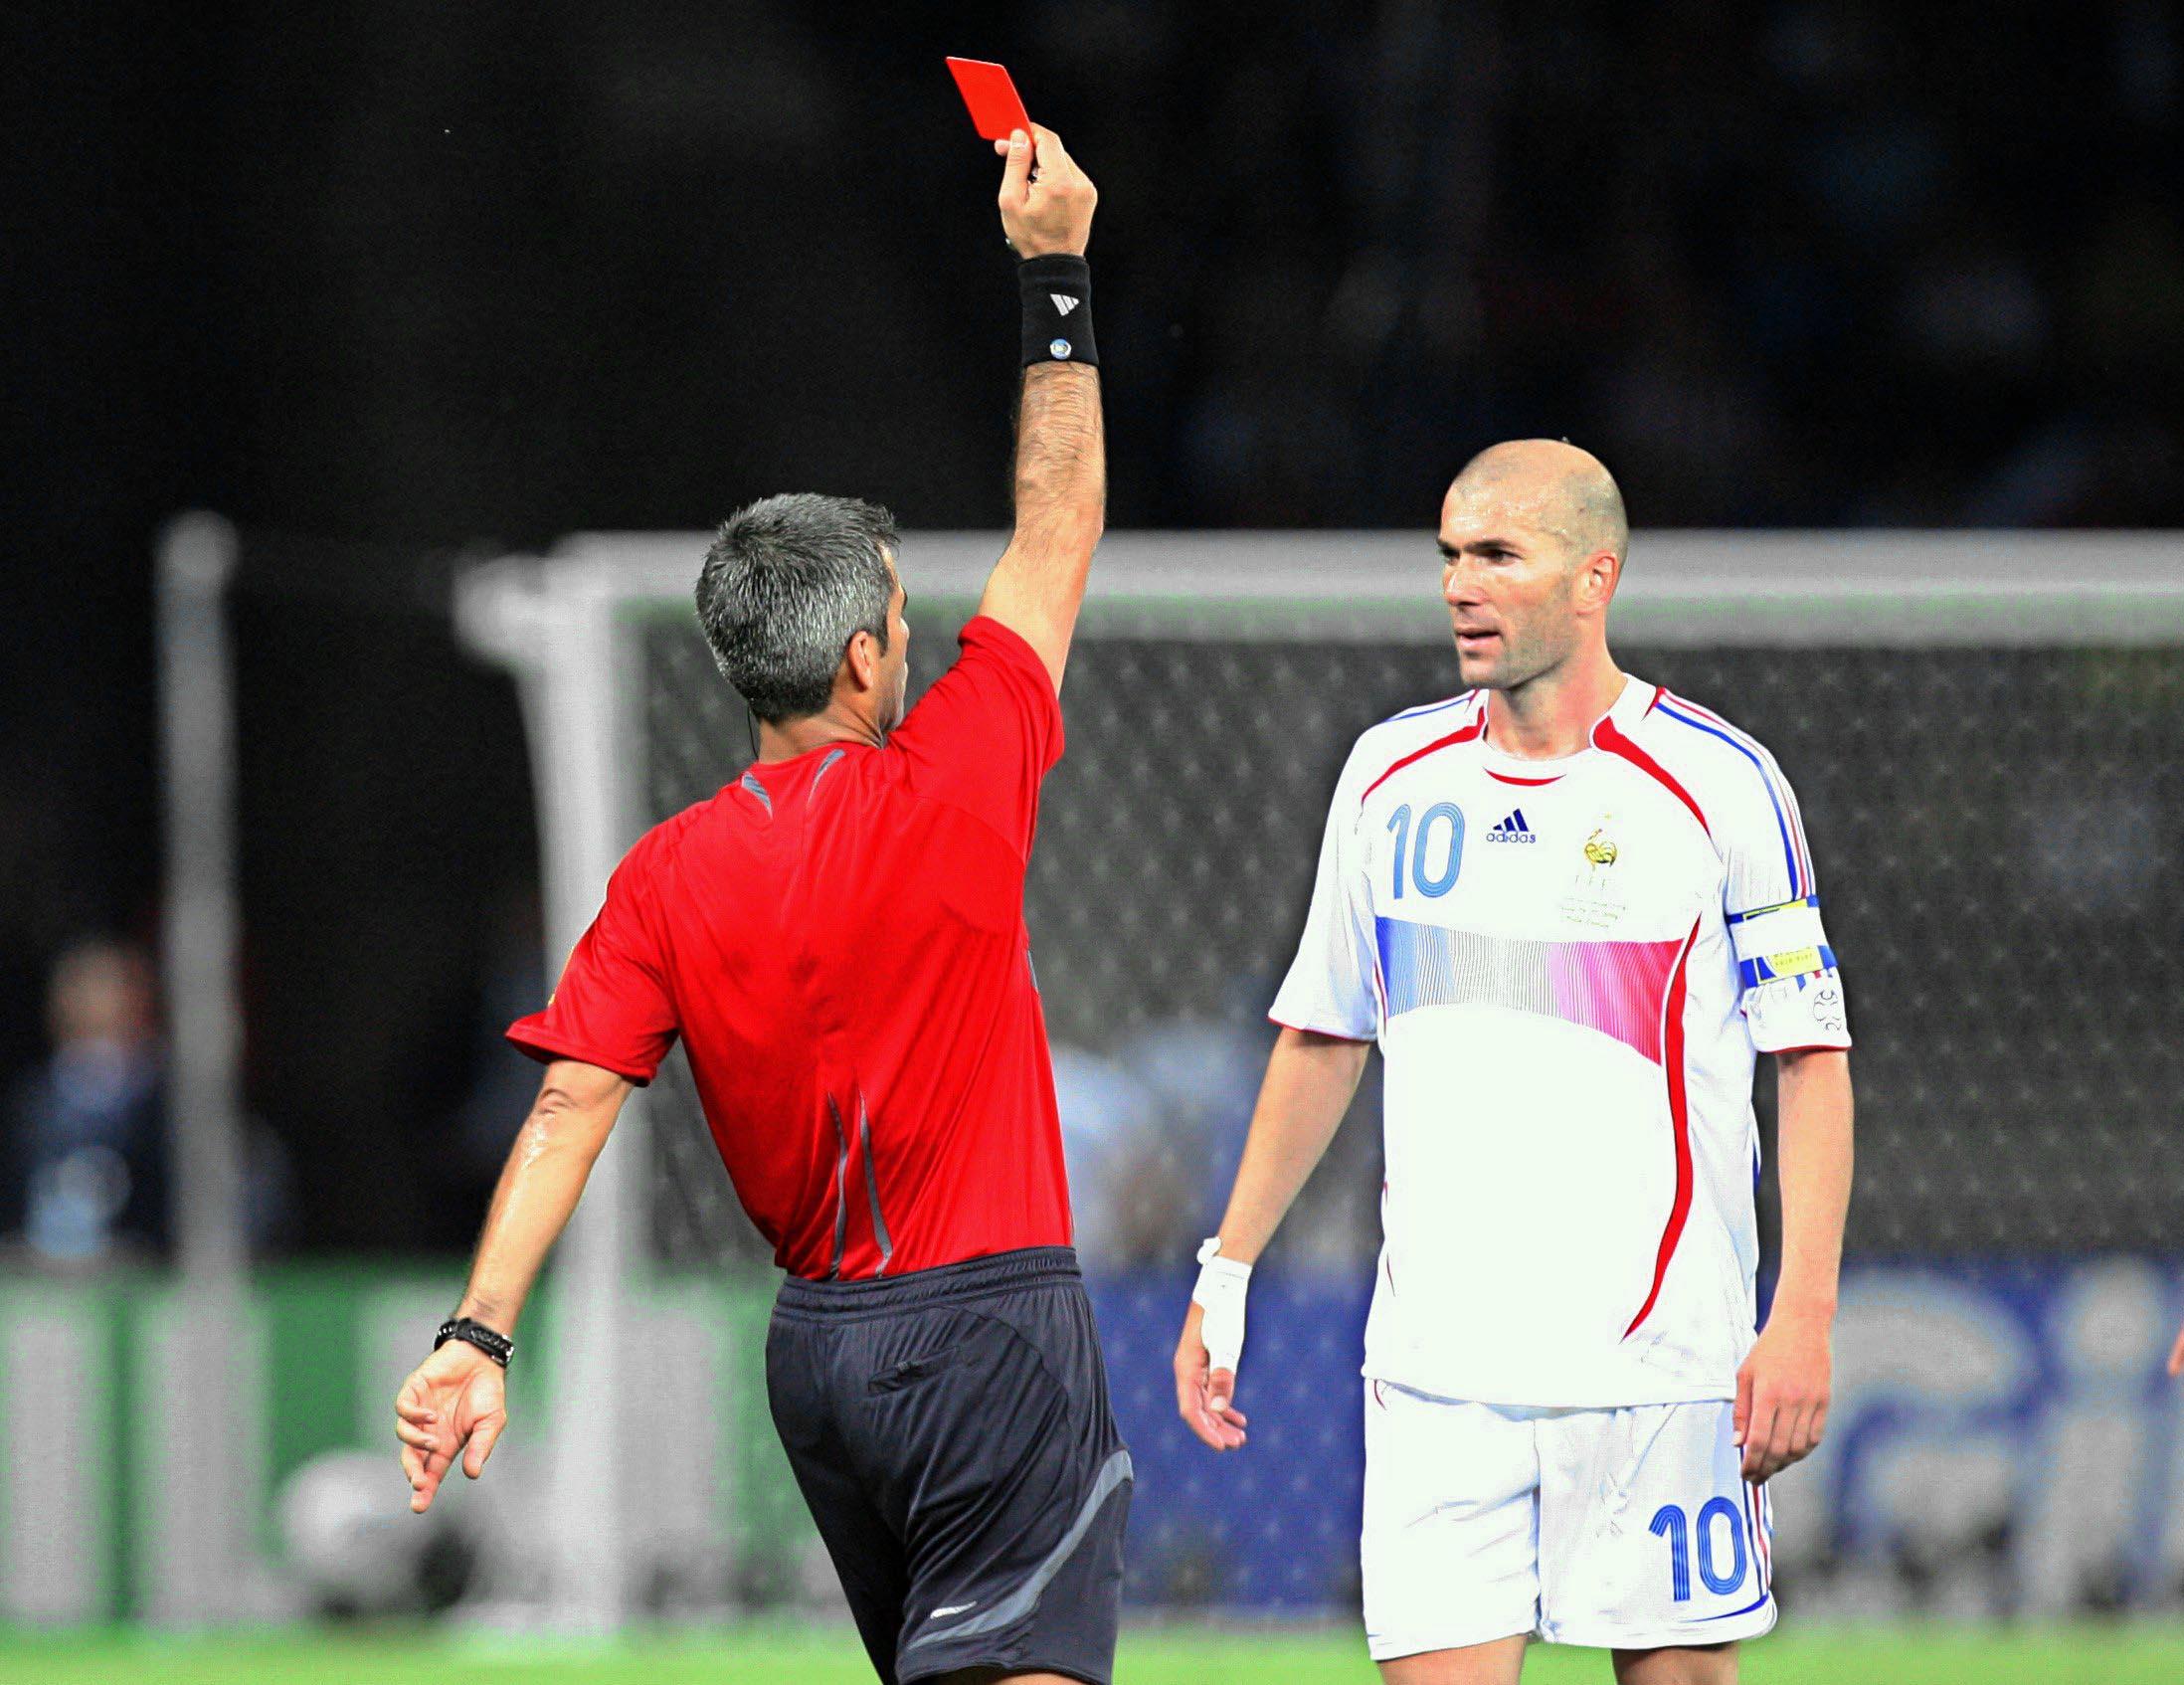 Le coup de boule de zidane les pires scandales du football elle - Coupe du monde de foot 2006 ...